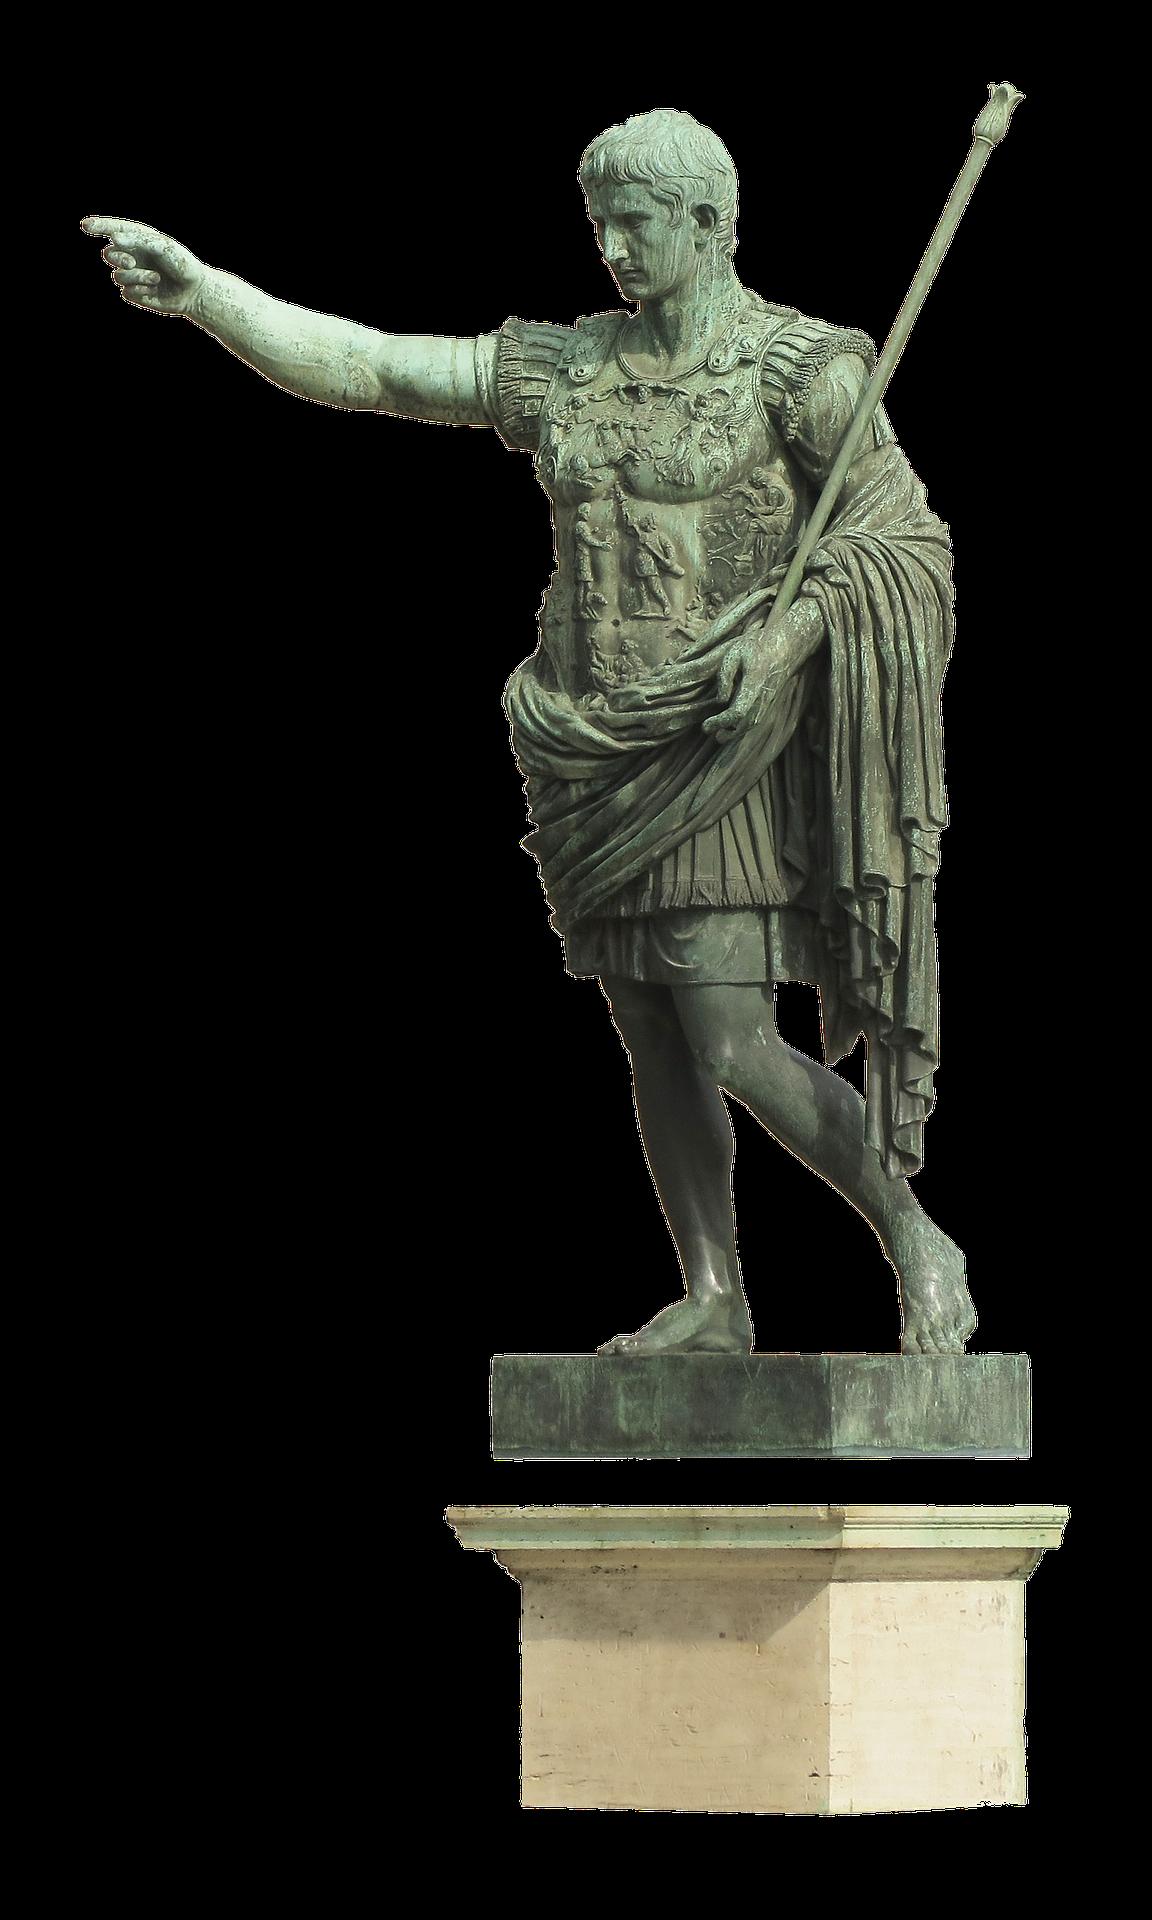 statue-2309663_1920